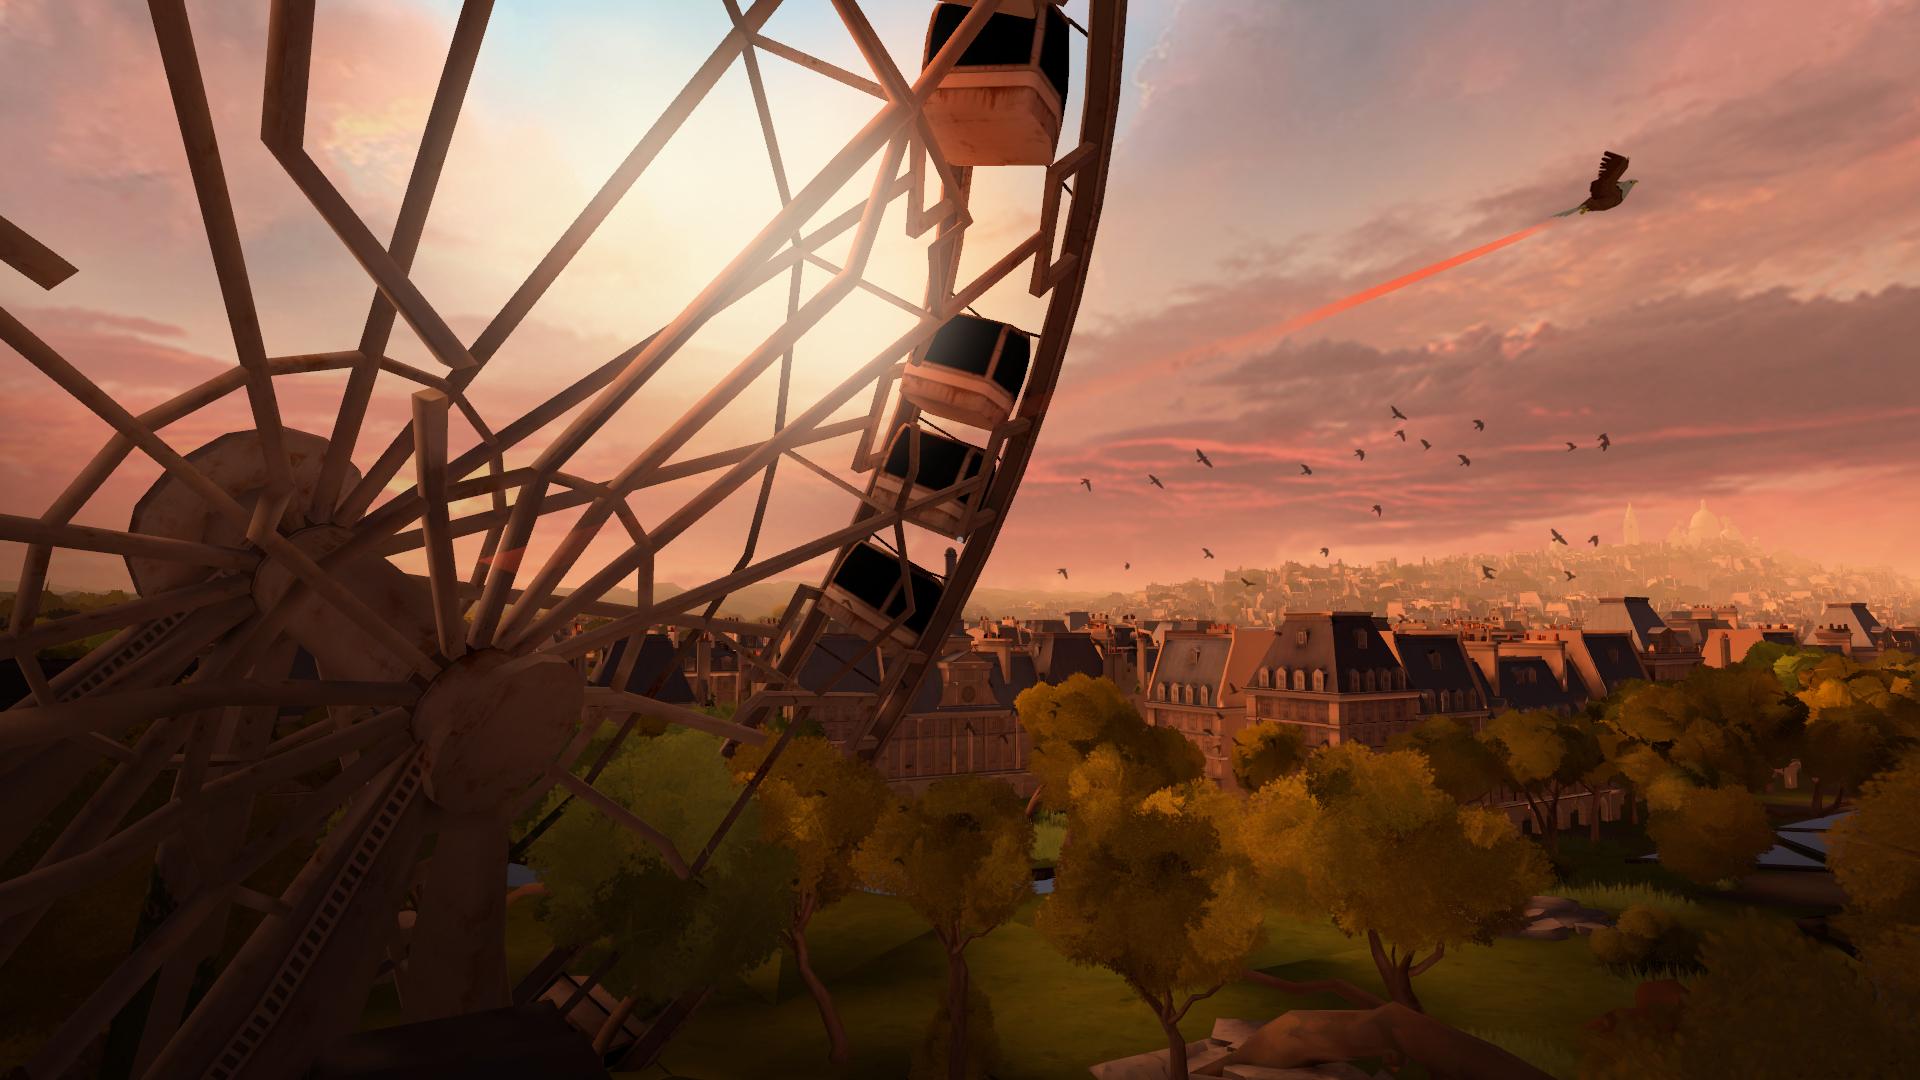 『イーグルフライト』ゲーム画面